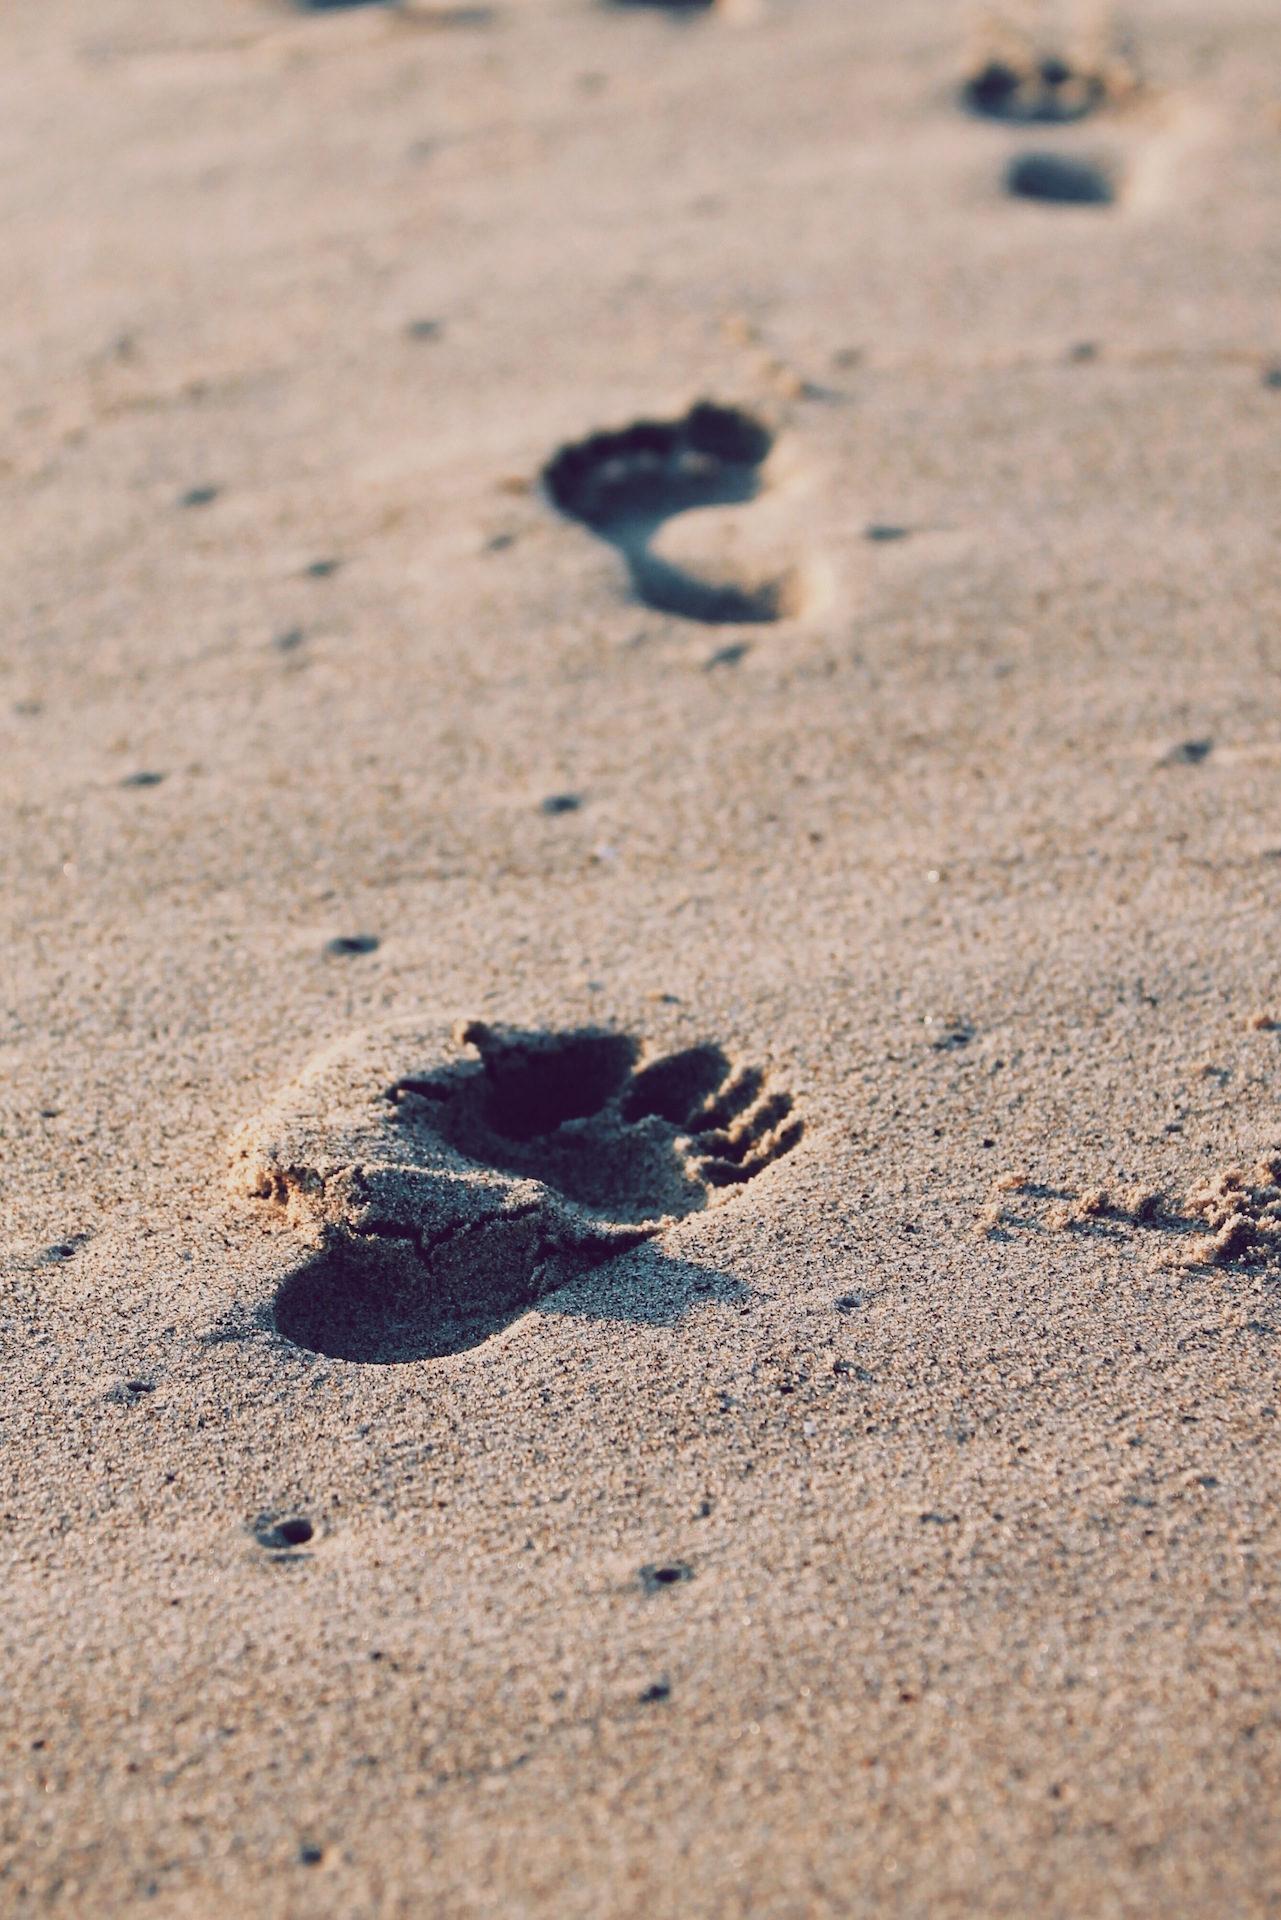 πατημασιές, χνάρια, Άμμος, Παραλία, πόδια - Wallpapers HD - Professor-falken.com